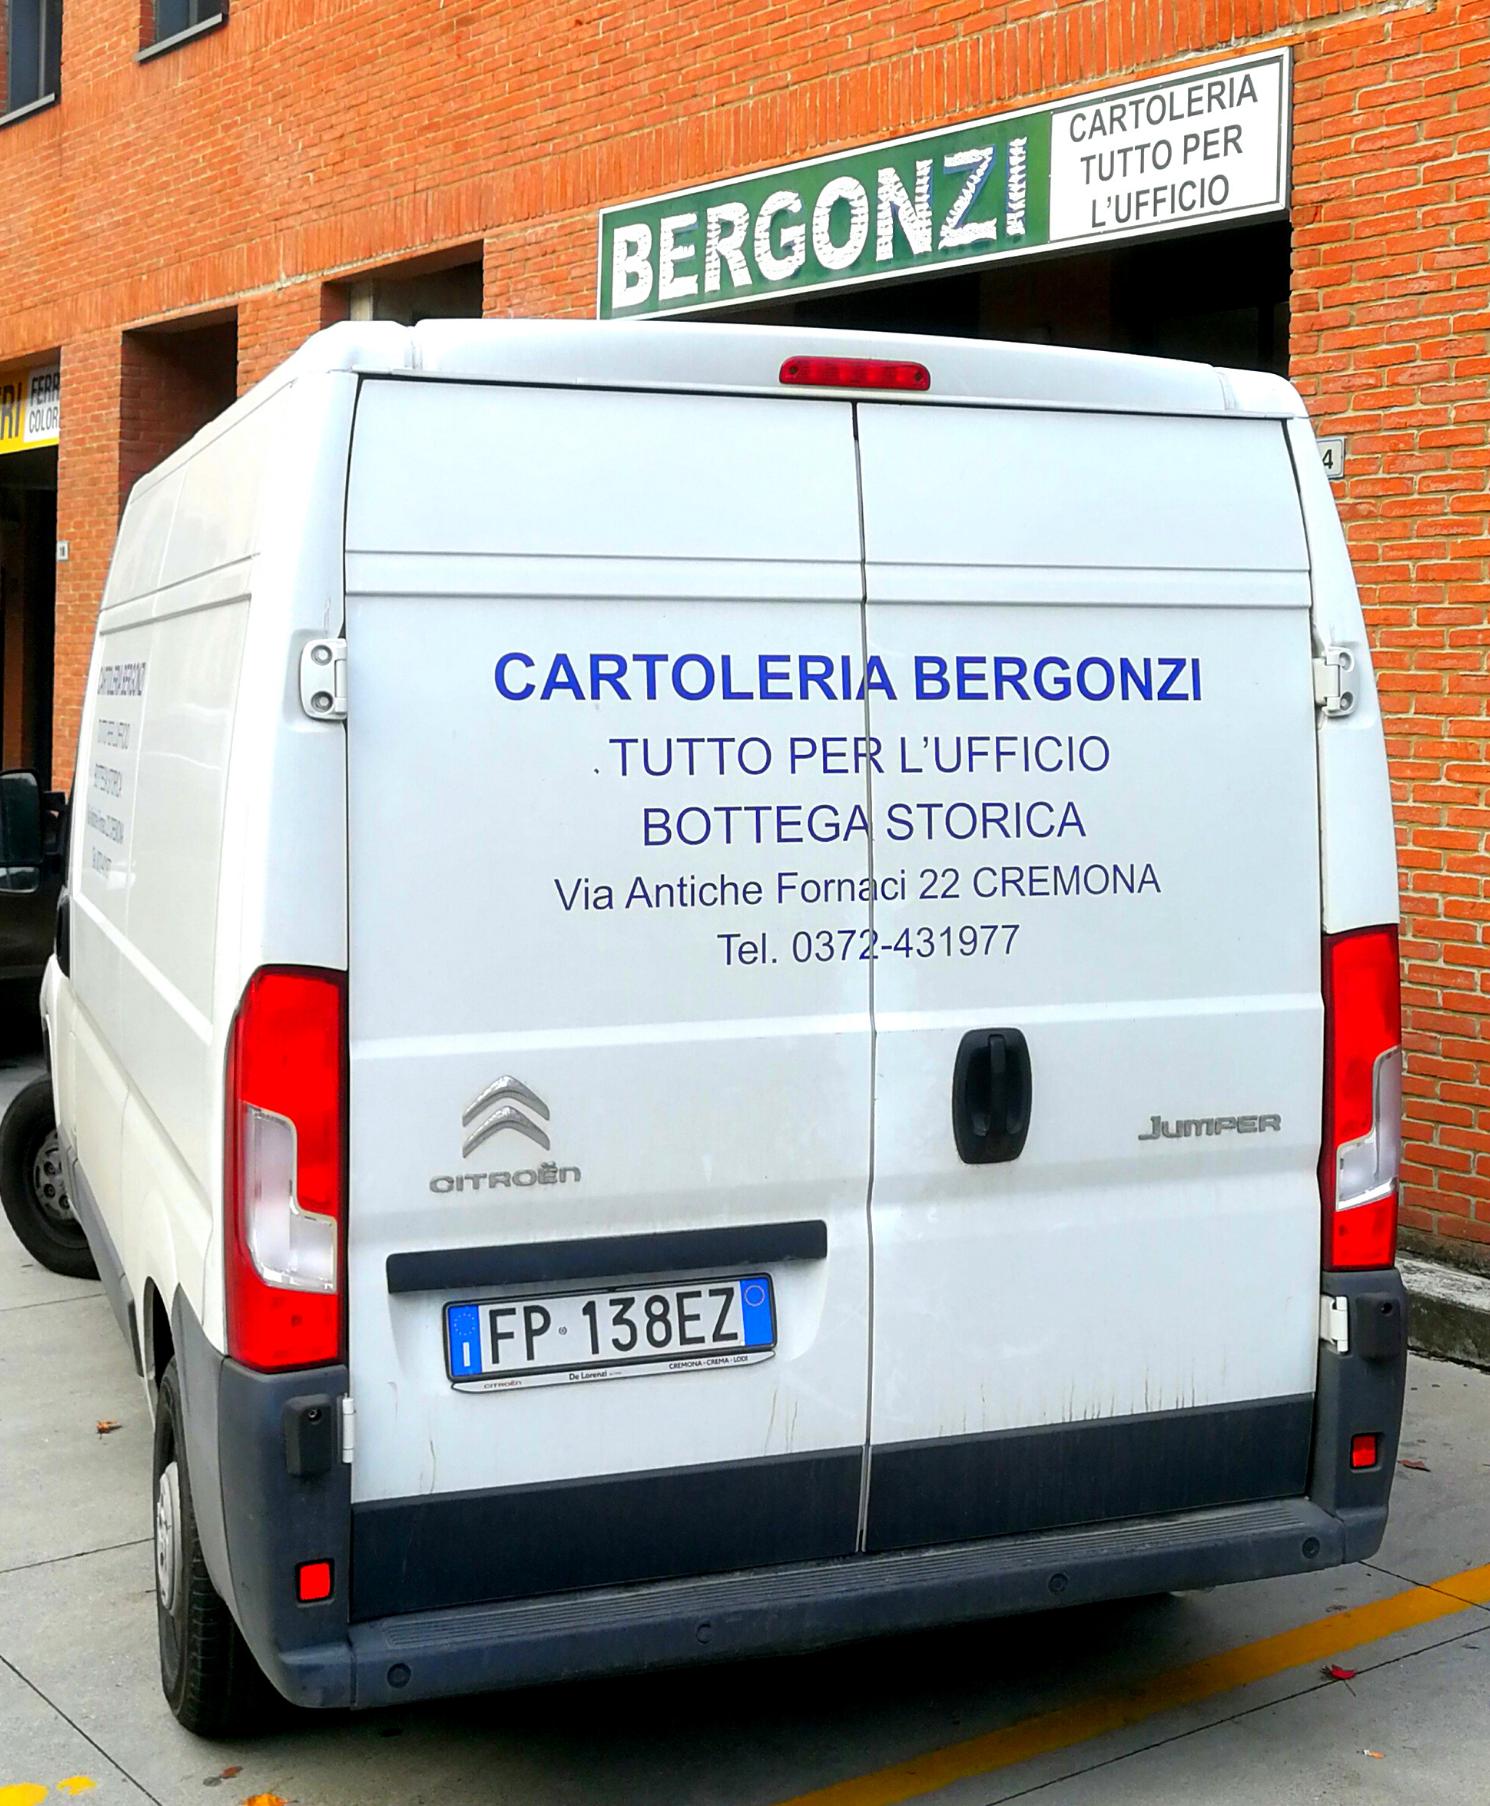 Consegna gratuita Cremona Bergonzi Ufficio 1 (1)